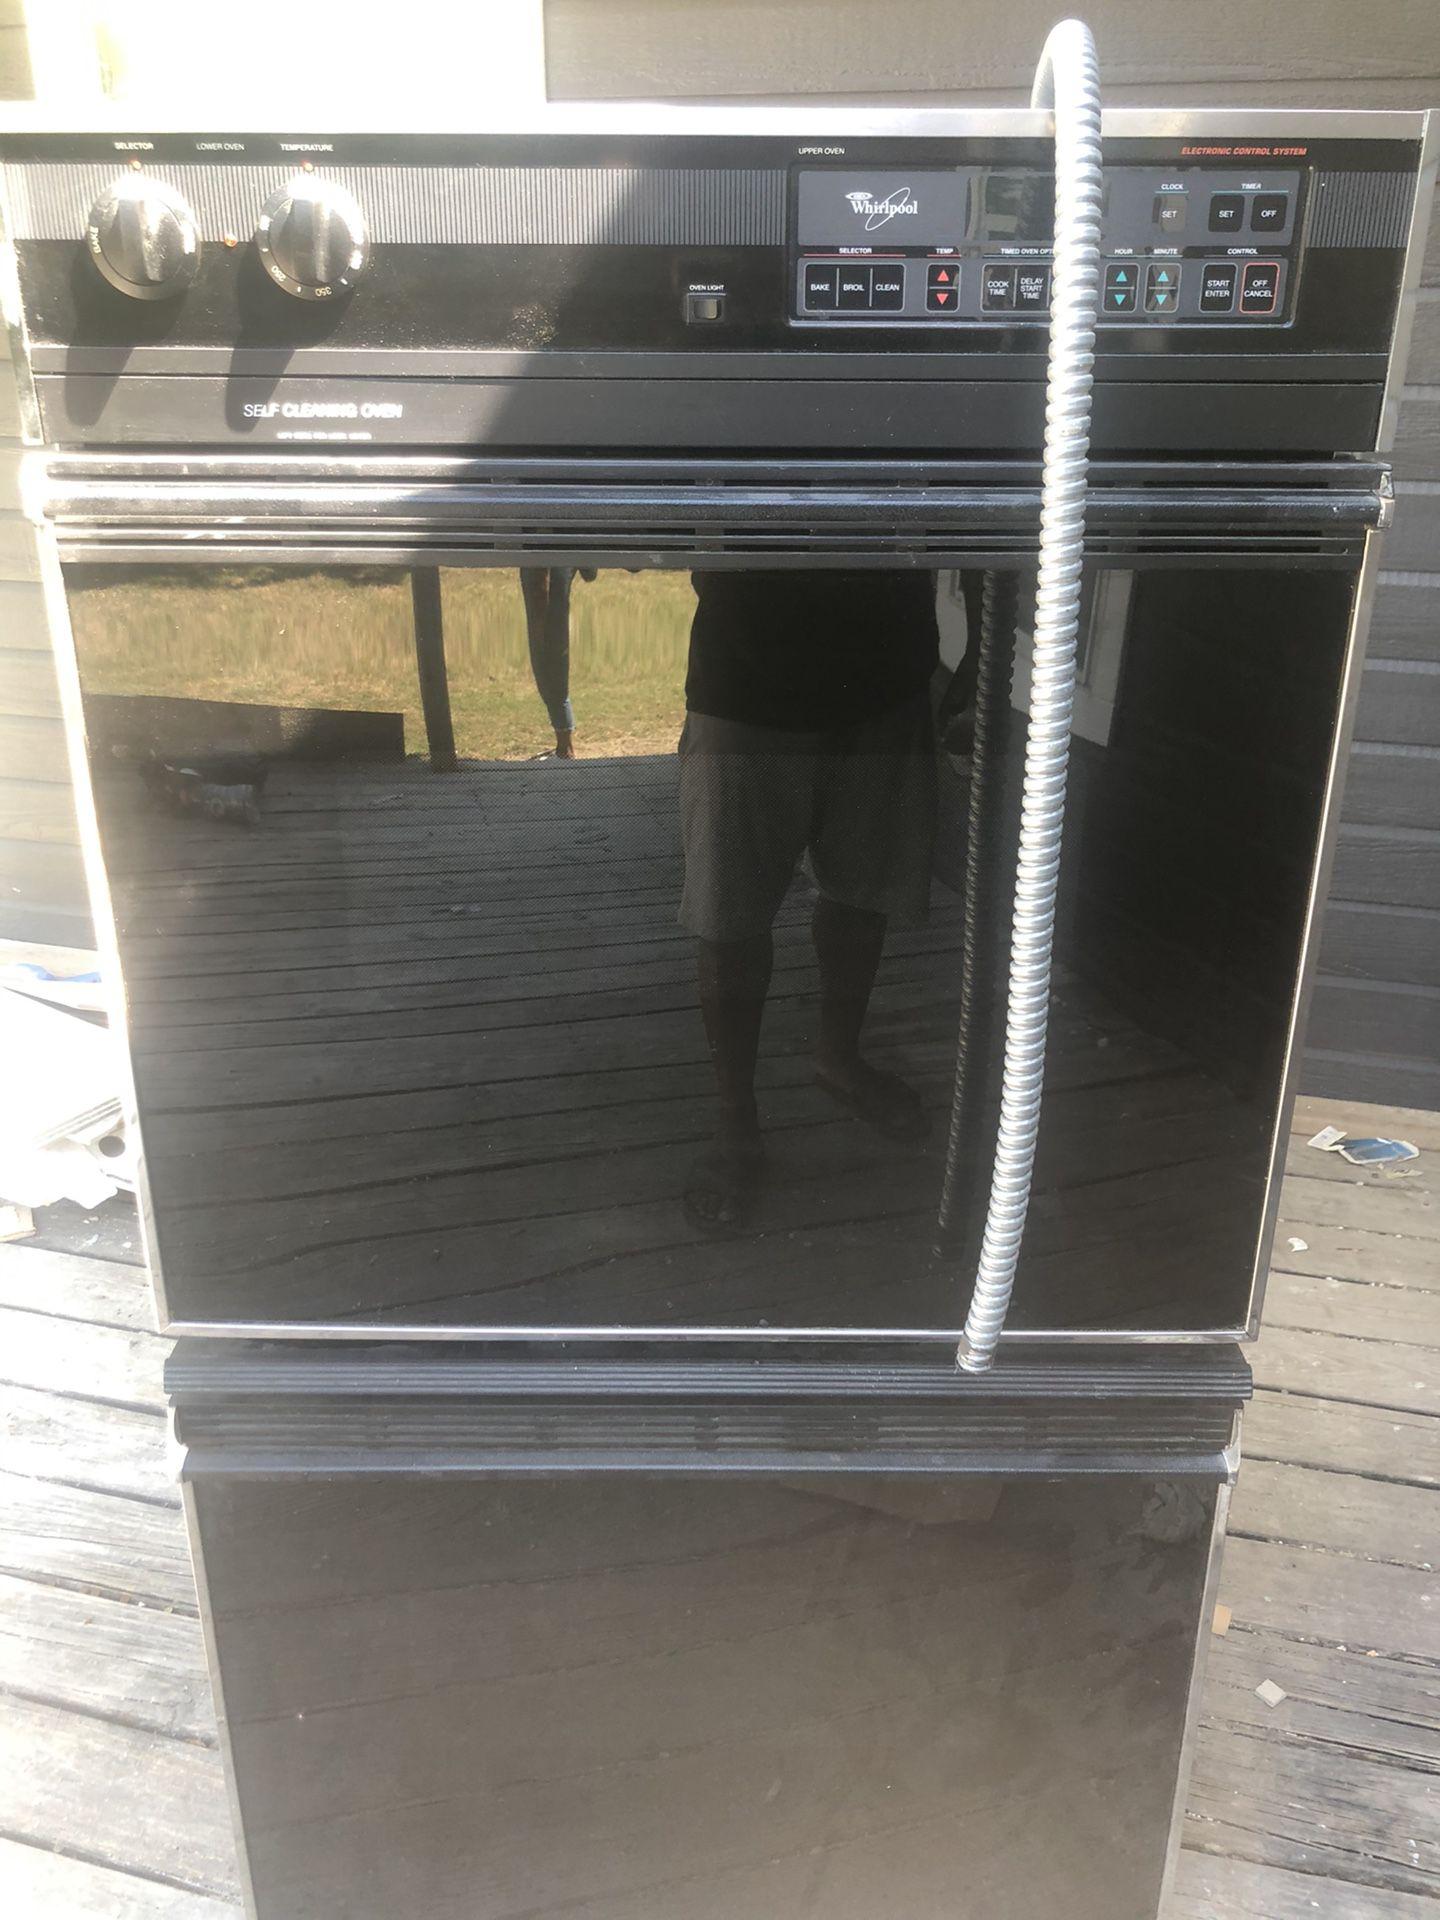 Whirl pool double oven $200